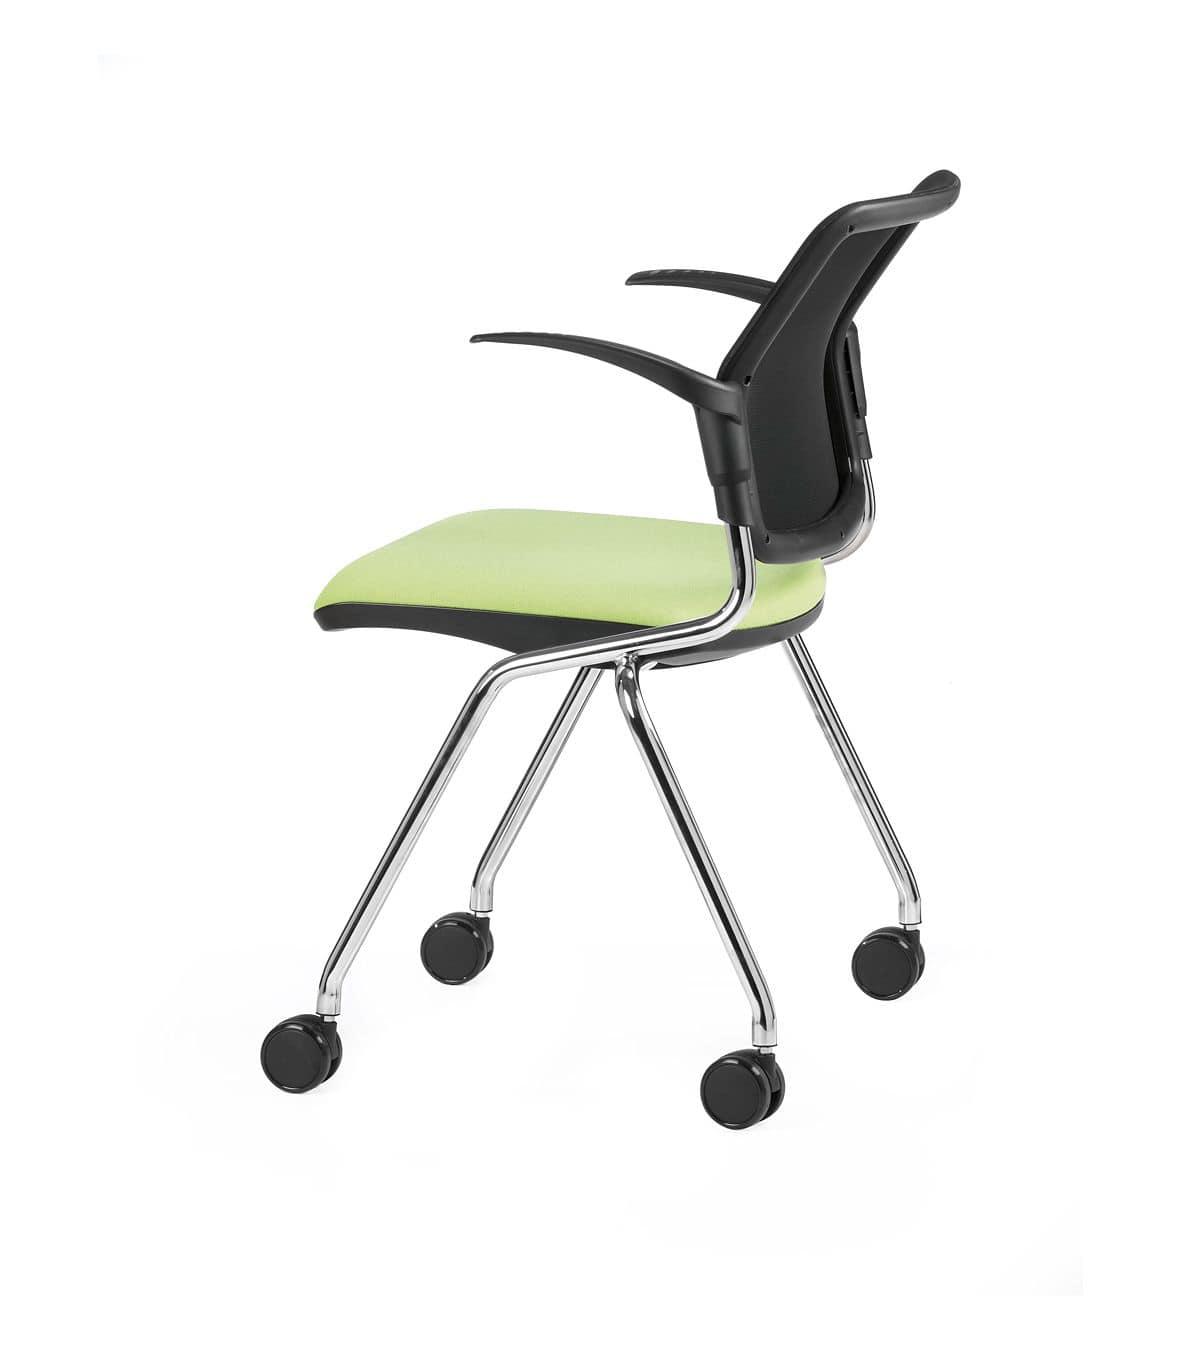 Sedia con ruote e braccioli ideale per uffici operativi | IDFdesign